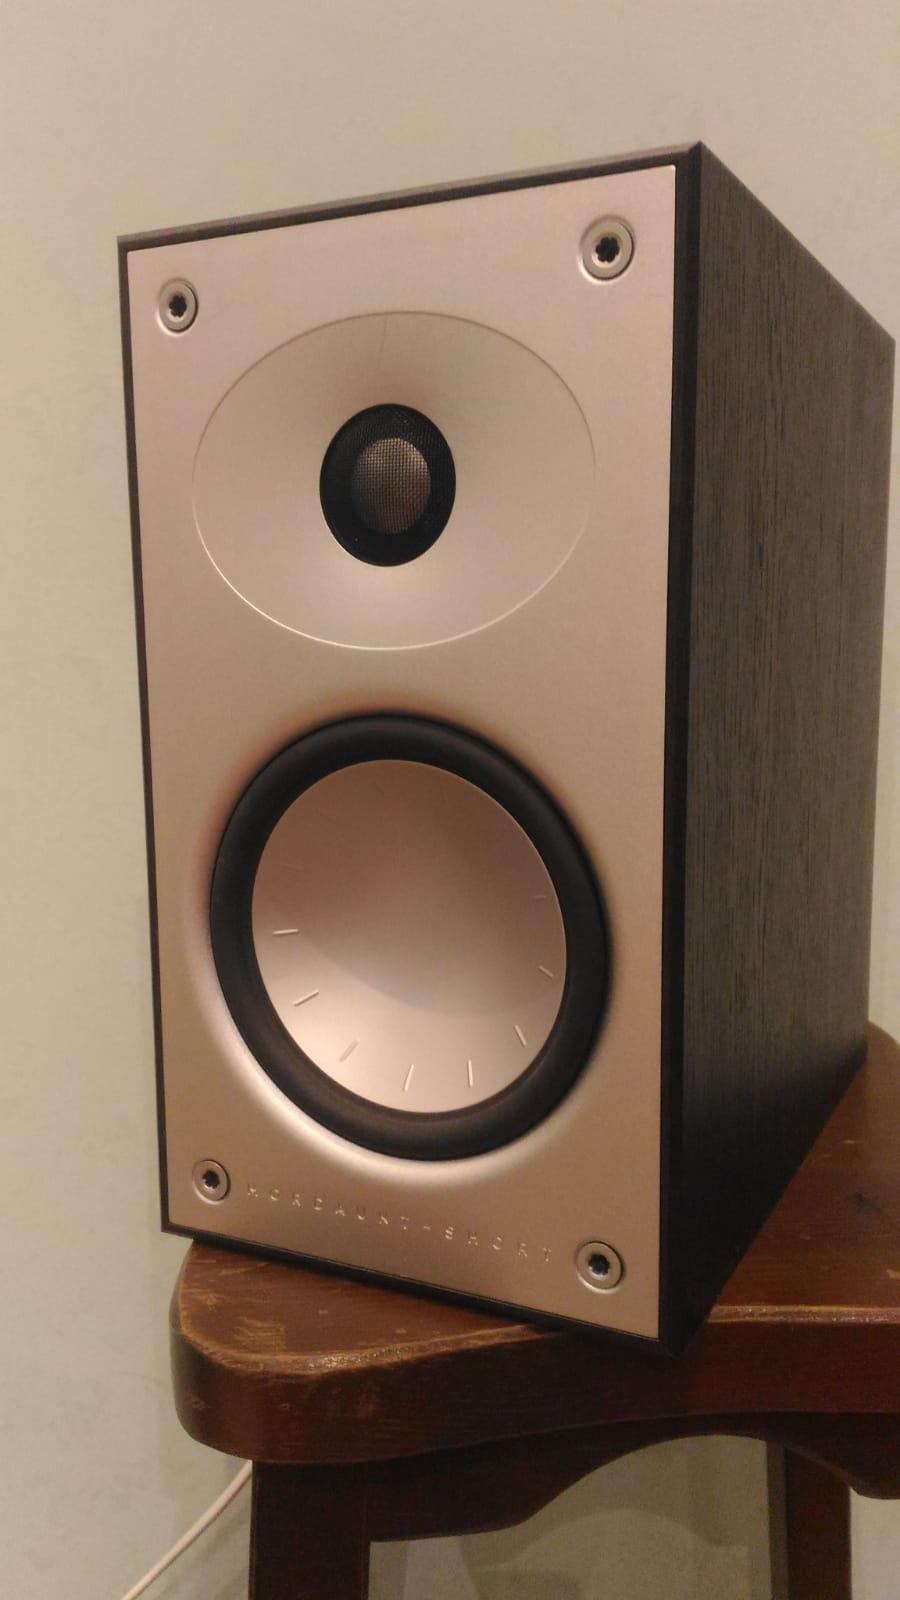 Quali diffusori escludi un impianto 7.1 se ascolto un file 5.1? 210